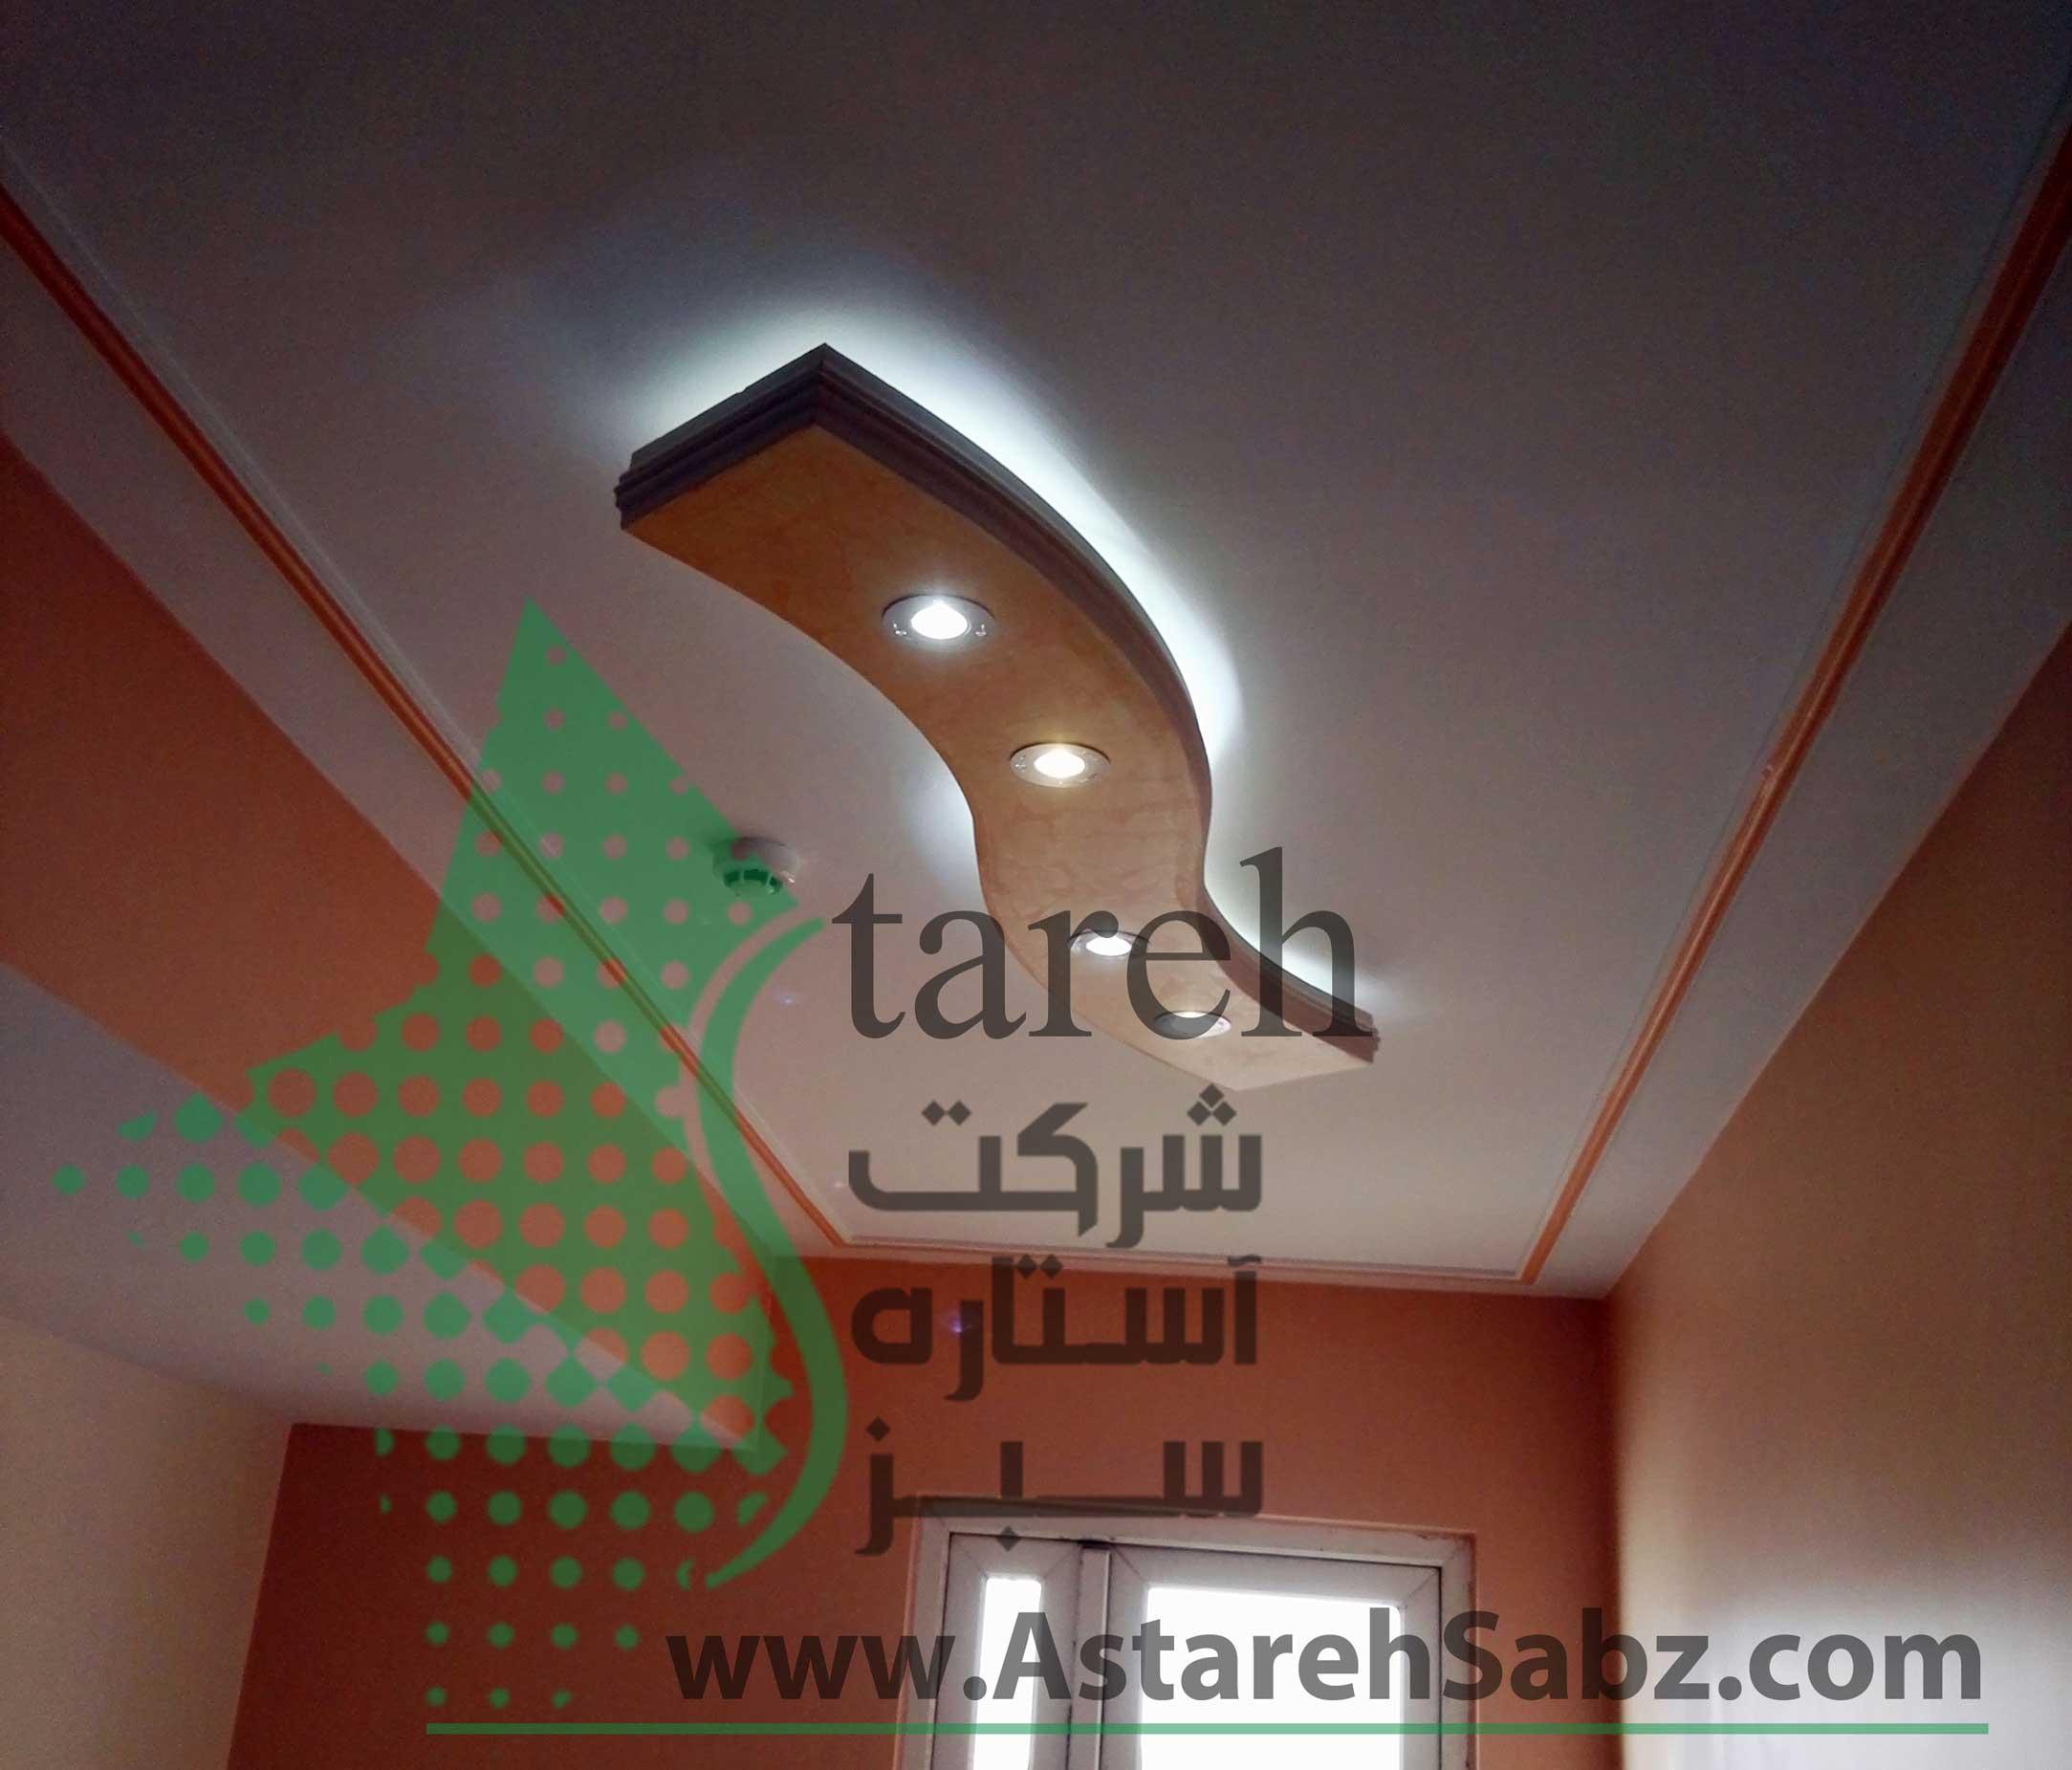 (Astareh Sabz (229